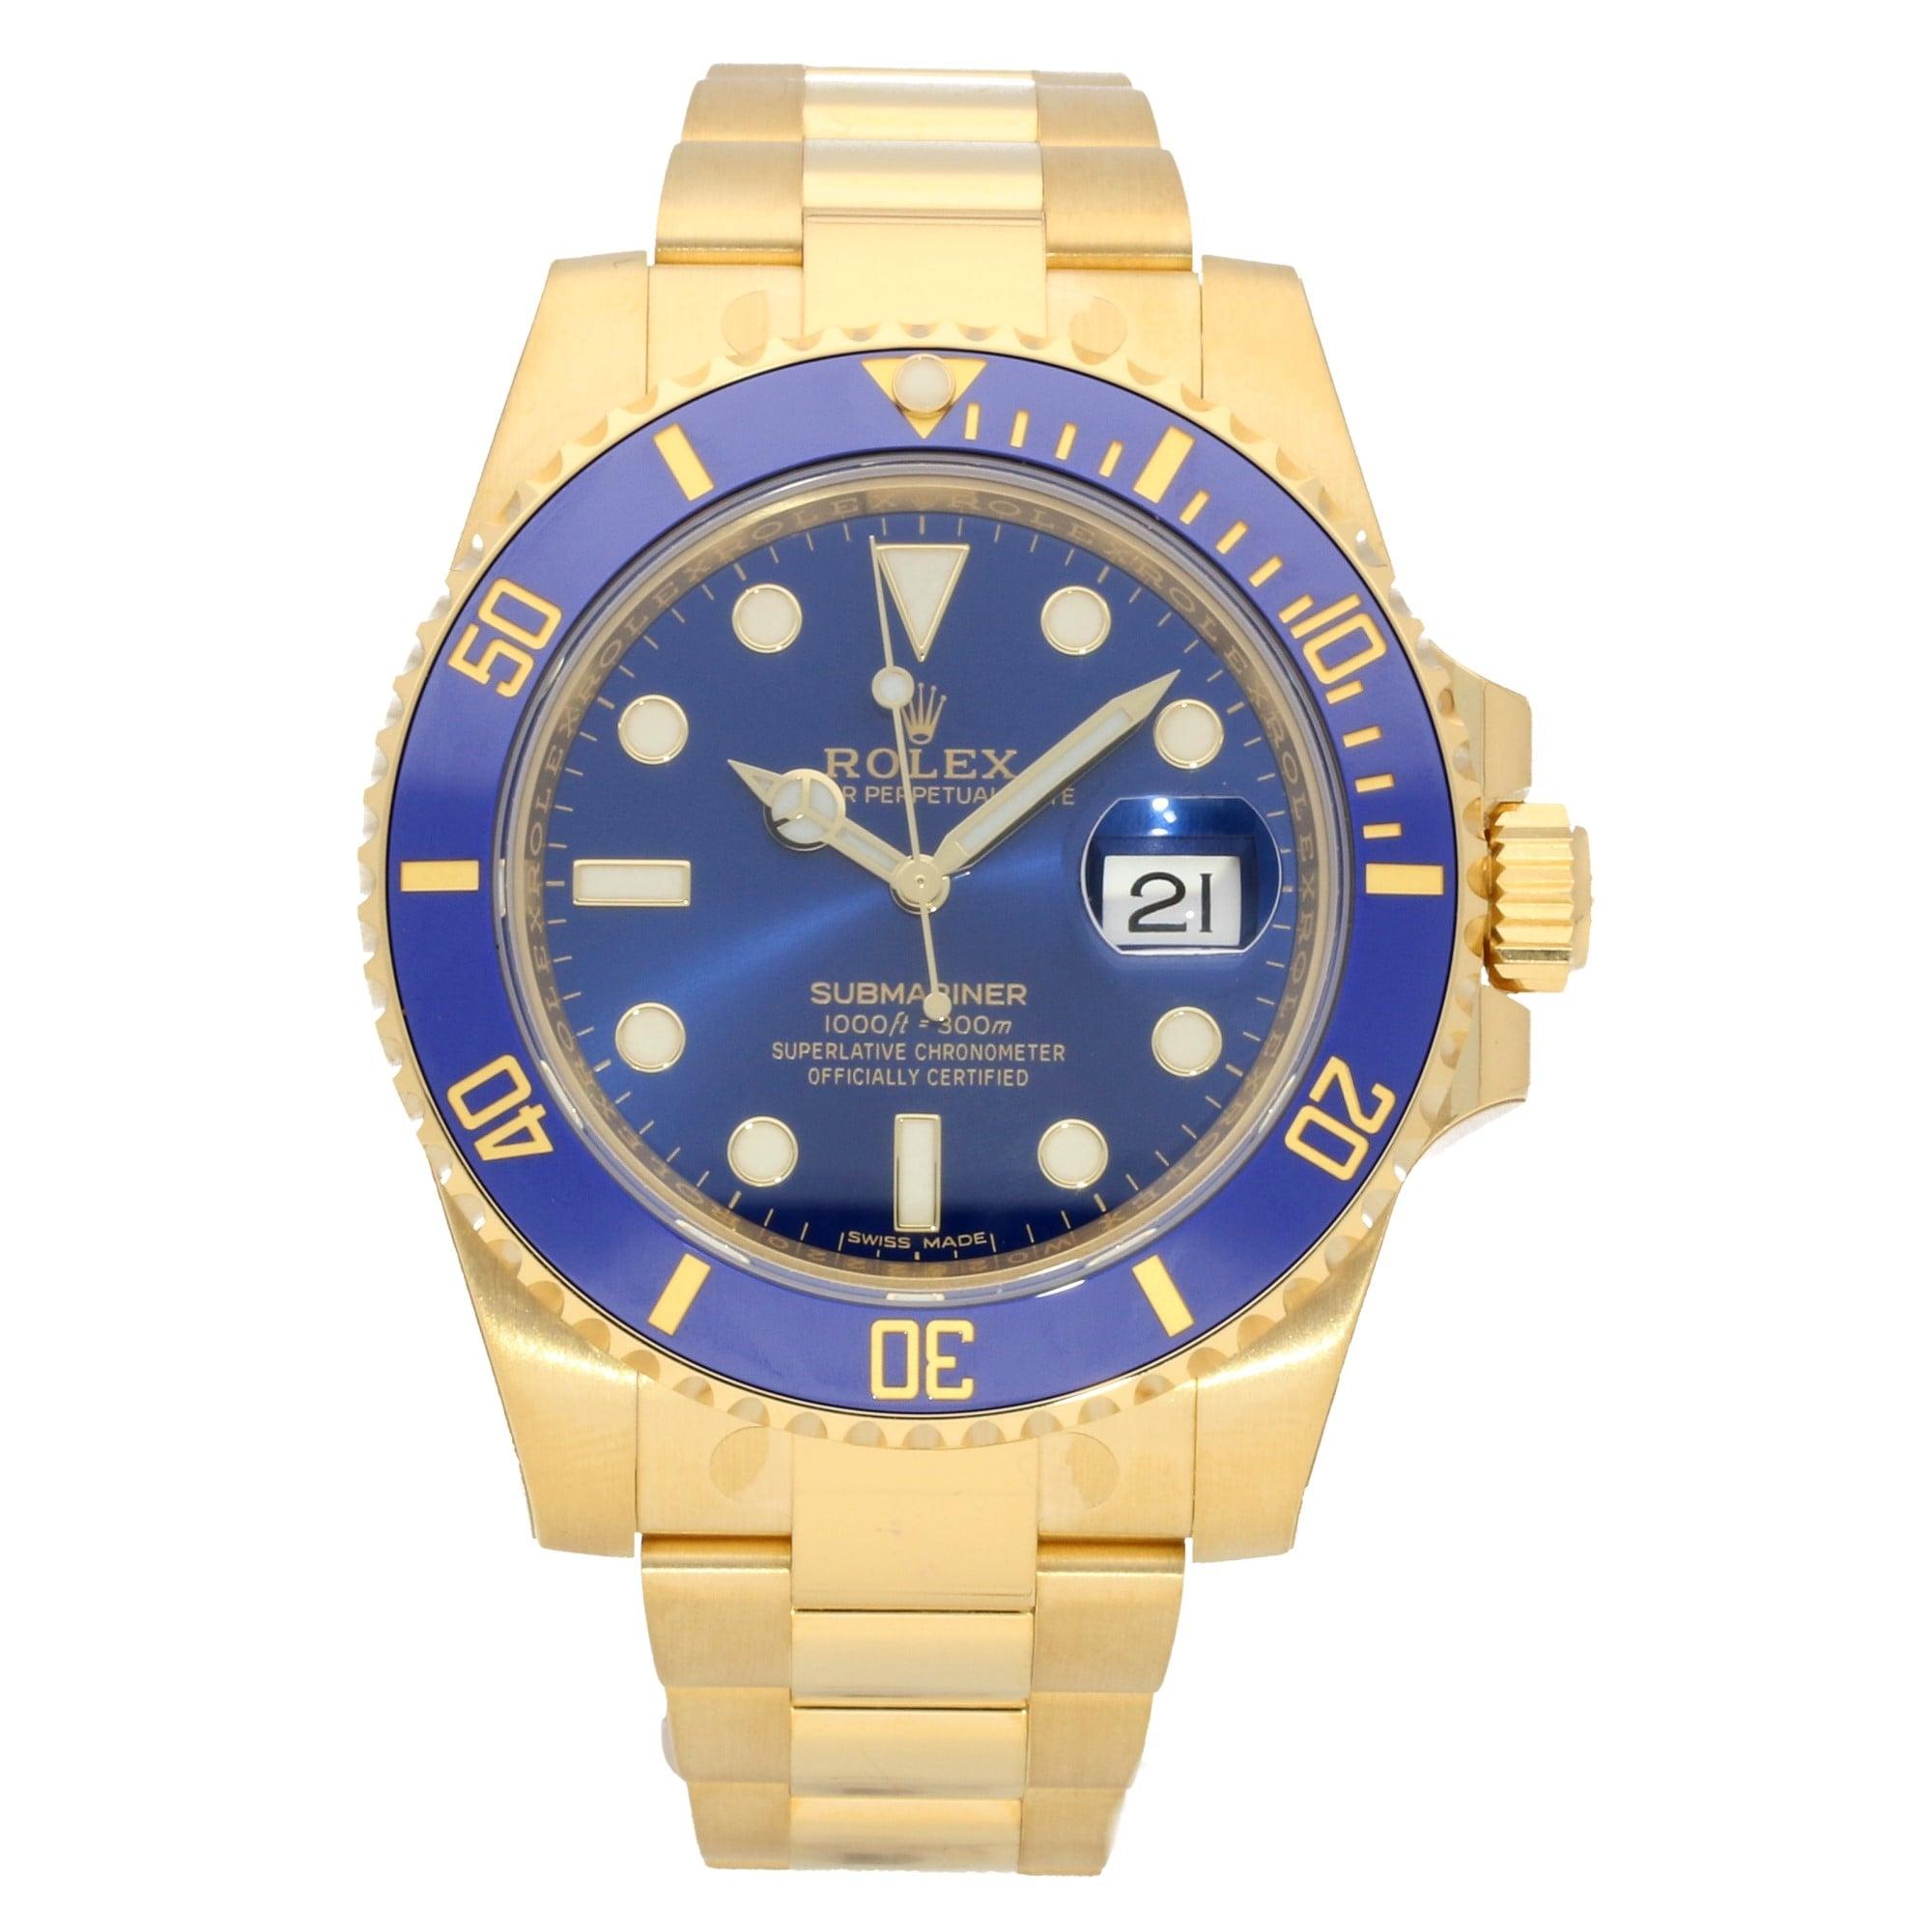 wholesale dealer 3f5c7 23925 Rolex Submariner 116618LB - Blue Dial - 2018 Unworn